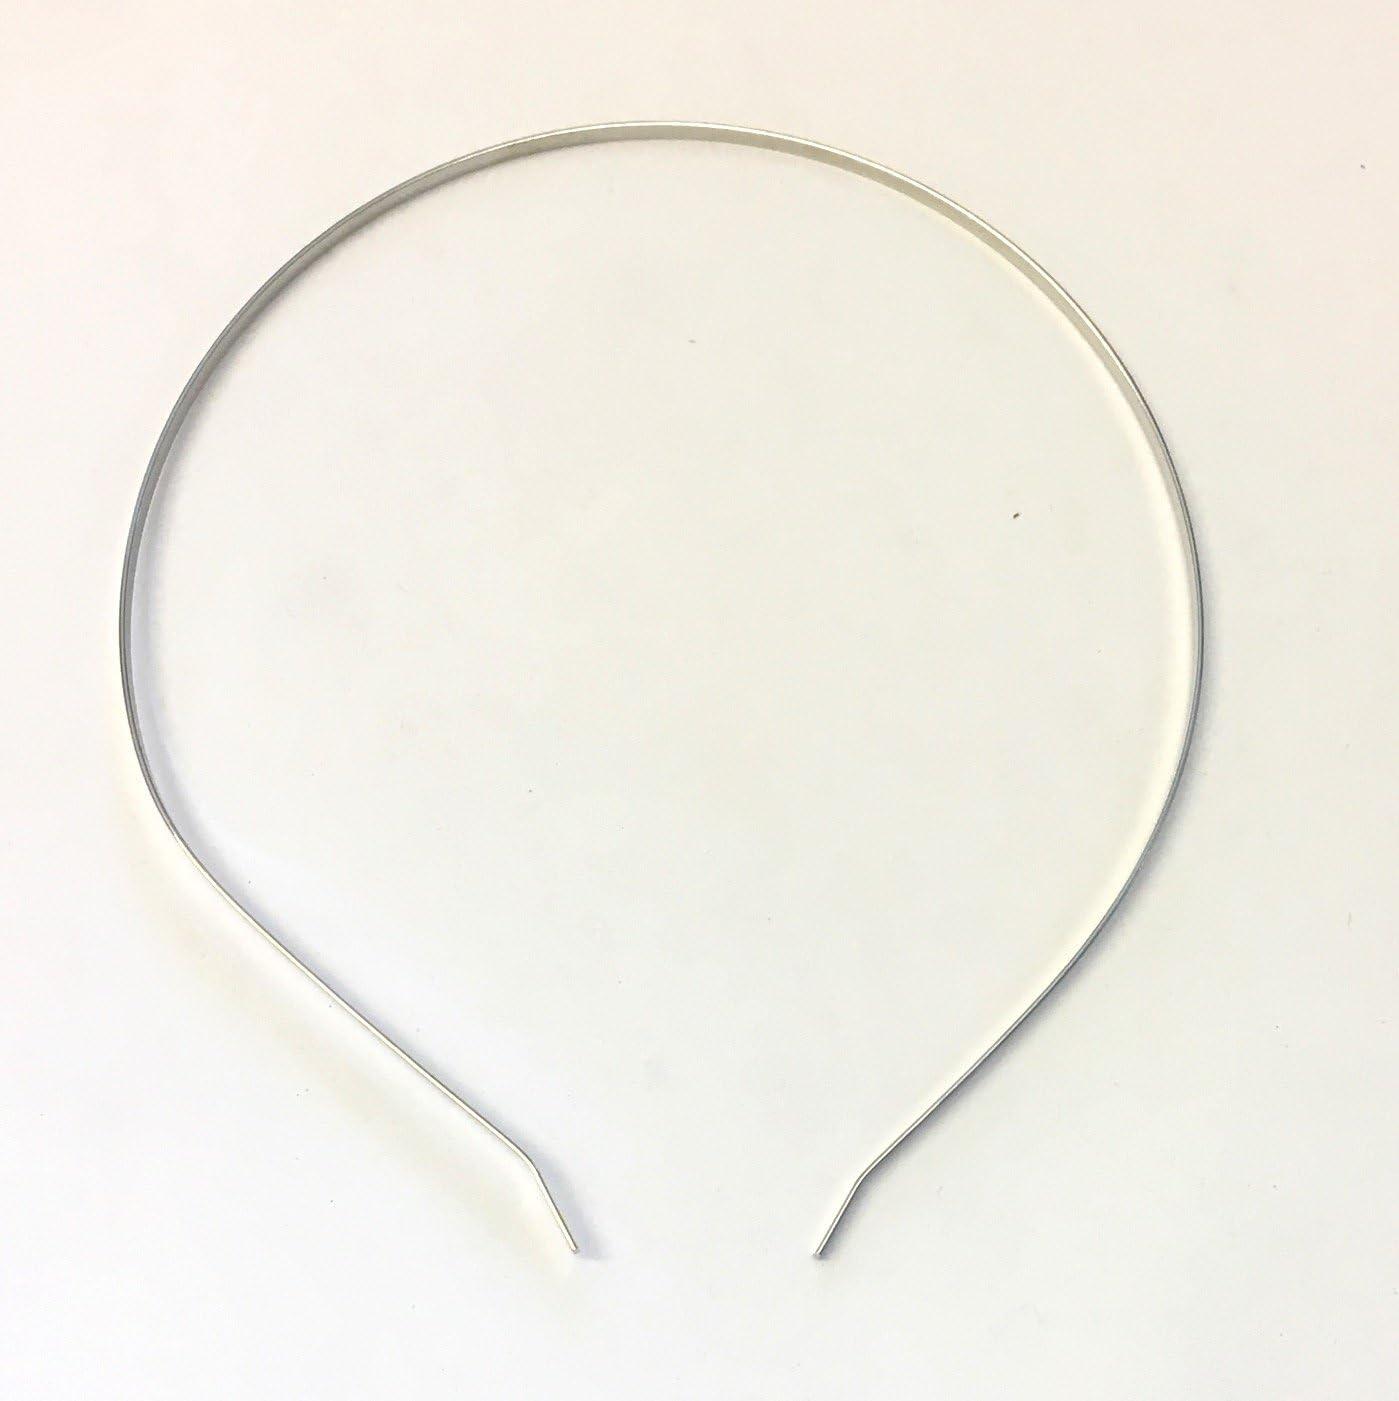 Diademas de metal plateado liso, para boda, 10 unidades